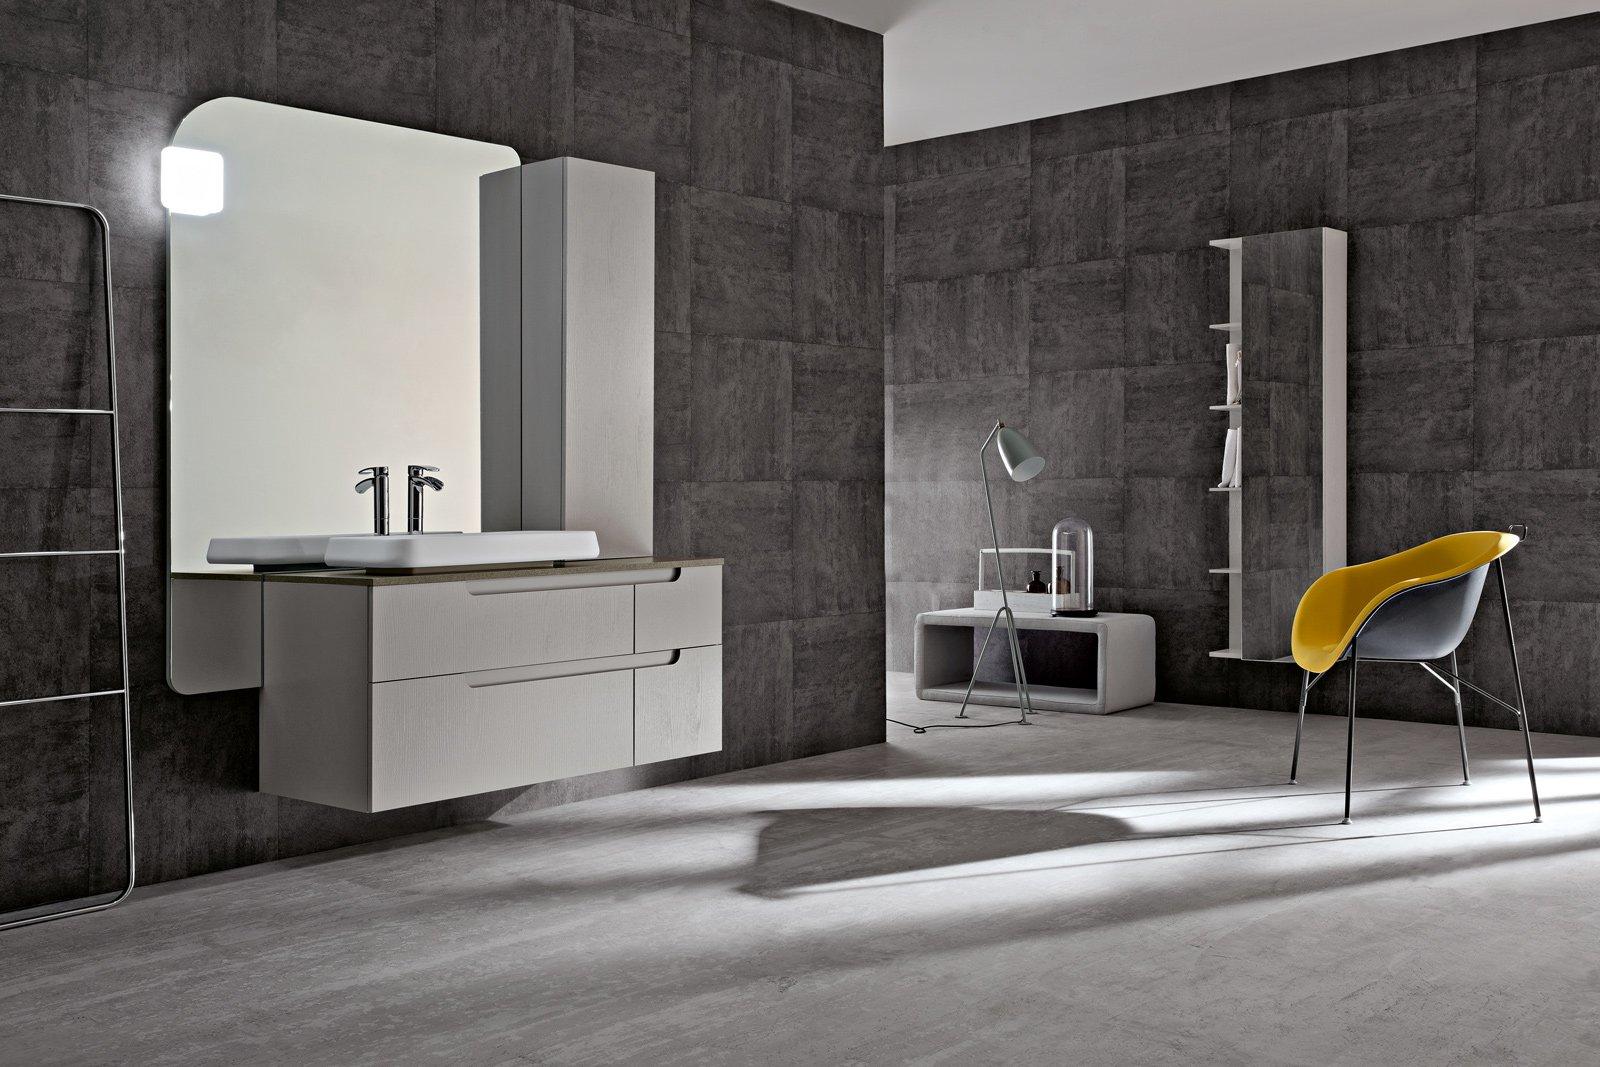 Mobili per lavandino bagno mobili lavanderia with mobili - Mobili per lavabo bagno ...